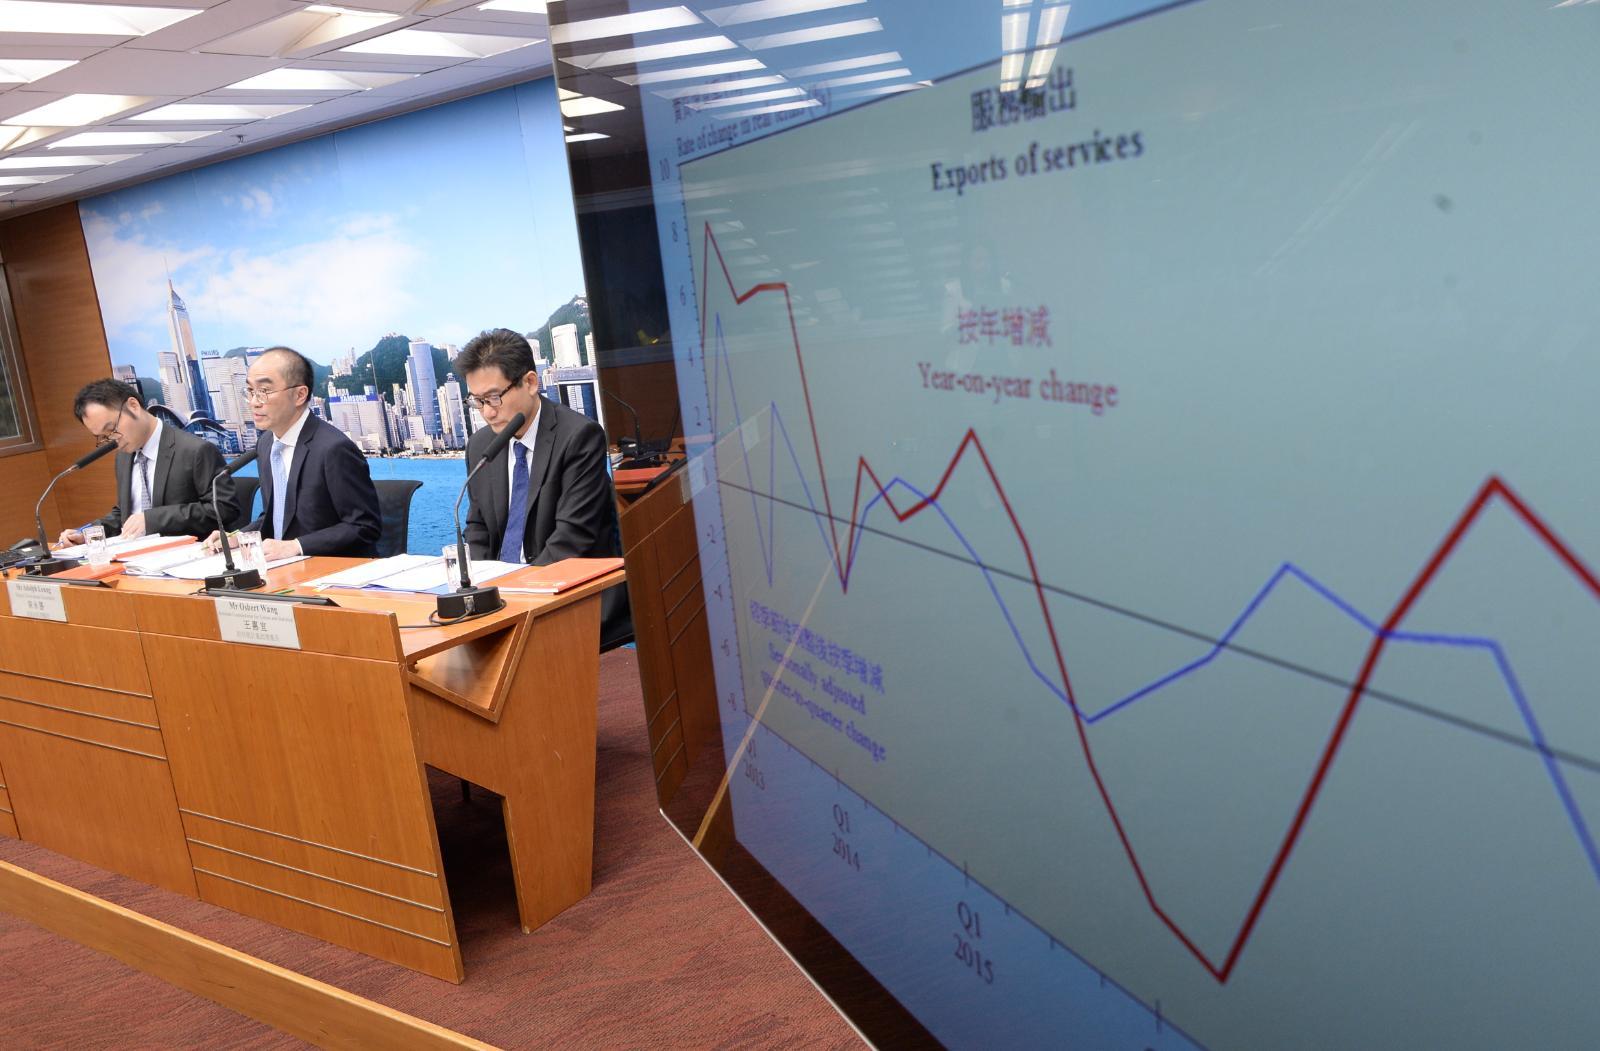 政府經濟顧問公布2018年第二季經濟情況及2018年本地生產總值和物價最新預測報告。陳浩元攝